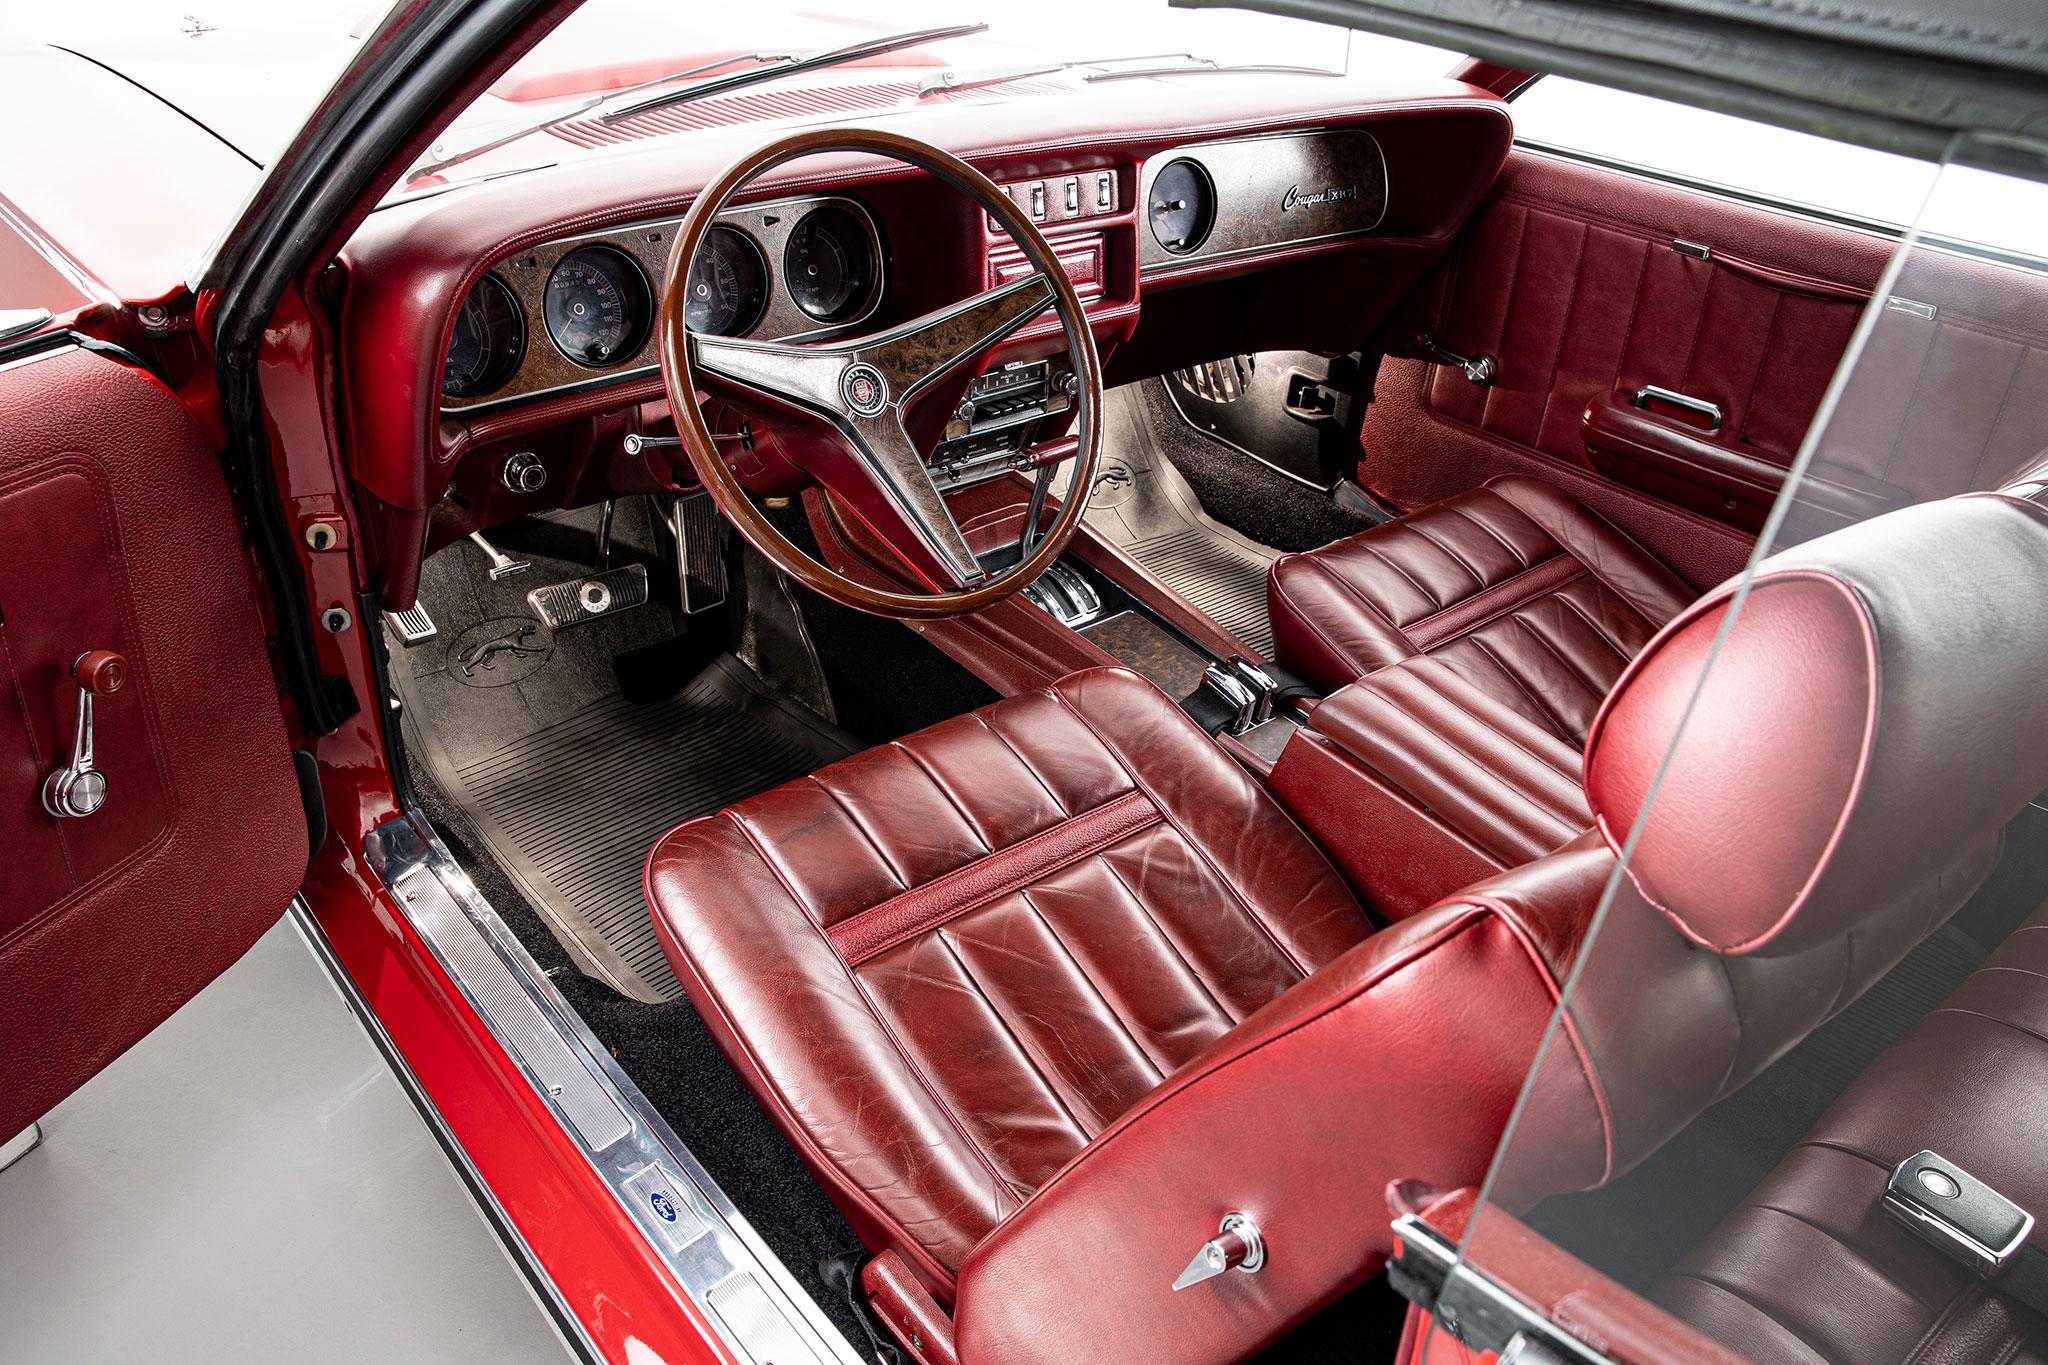 1969 Mercury Cougar XR7 intérieur et tableau de bord - Bonhams Bond Street Sale